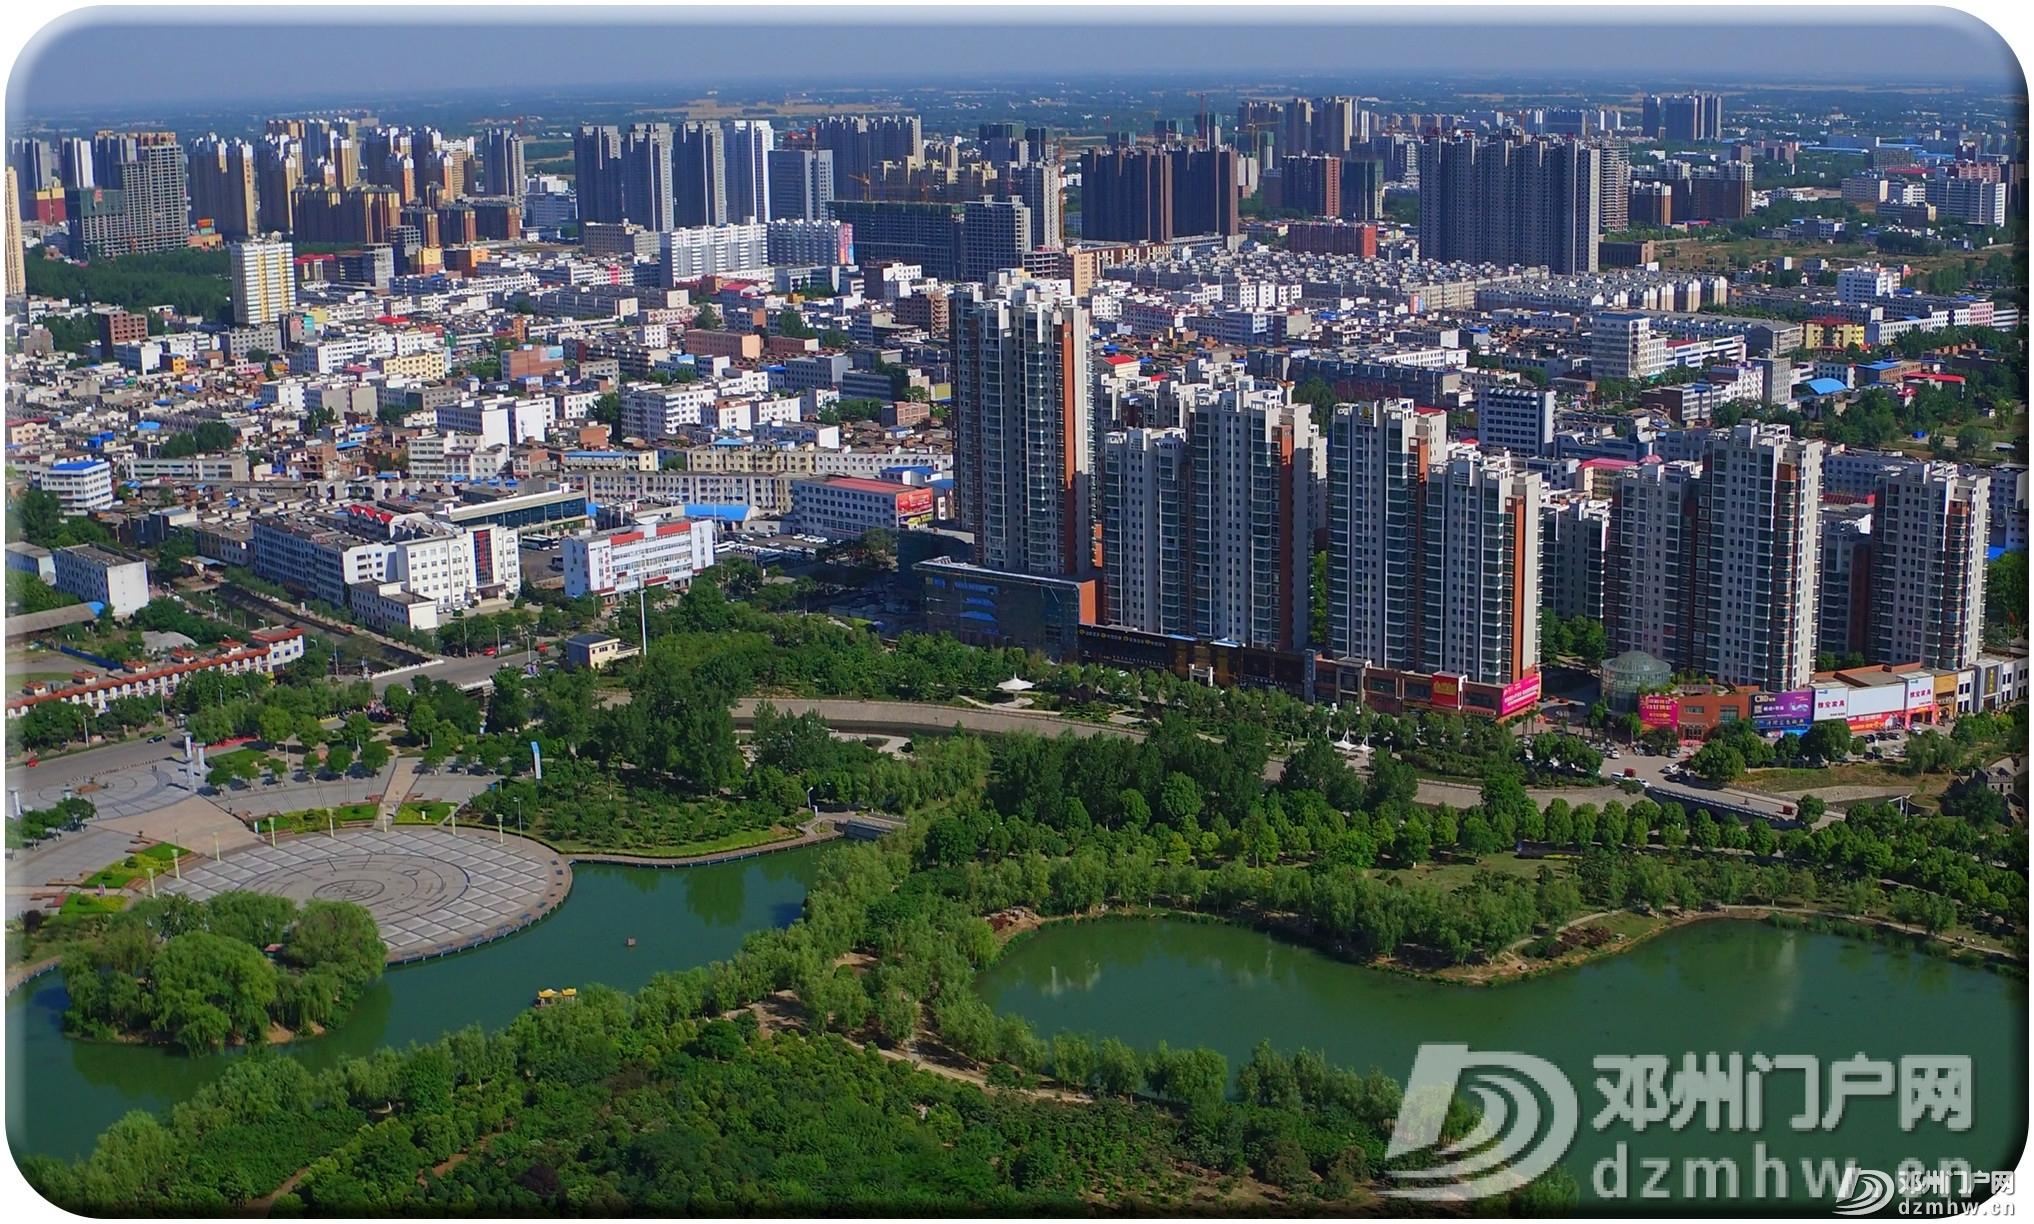 我叫邓州,这是我的最新简历,2020年,请多关照! - 邓州门户网|邓州网 - 6dc6ab5c740a5574165617a8fce6b723.jpg